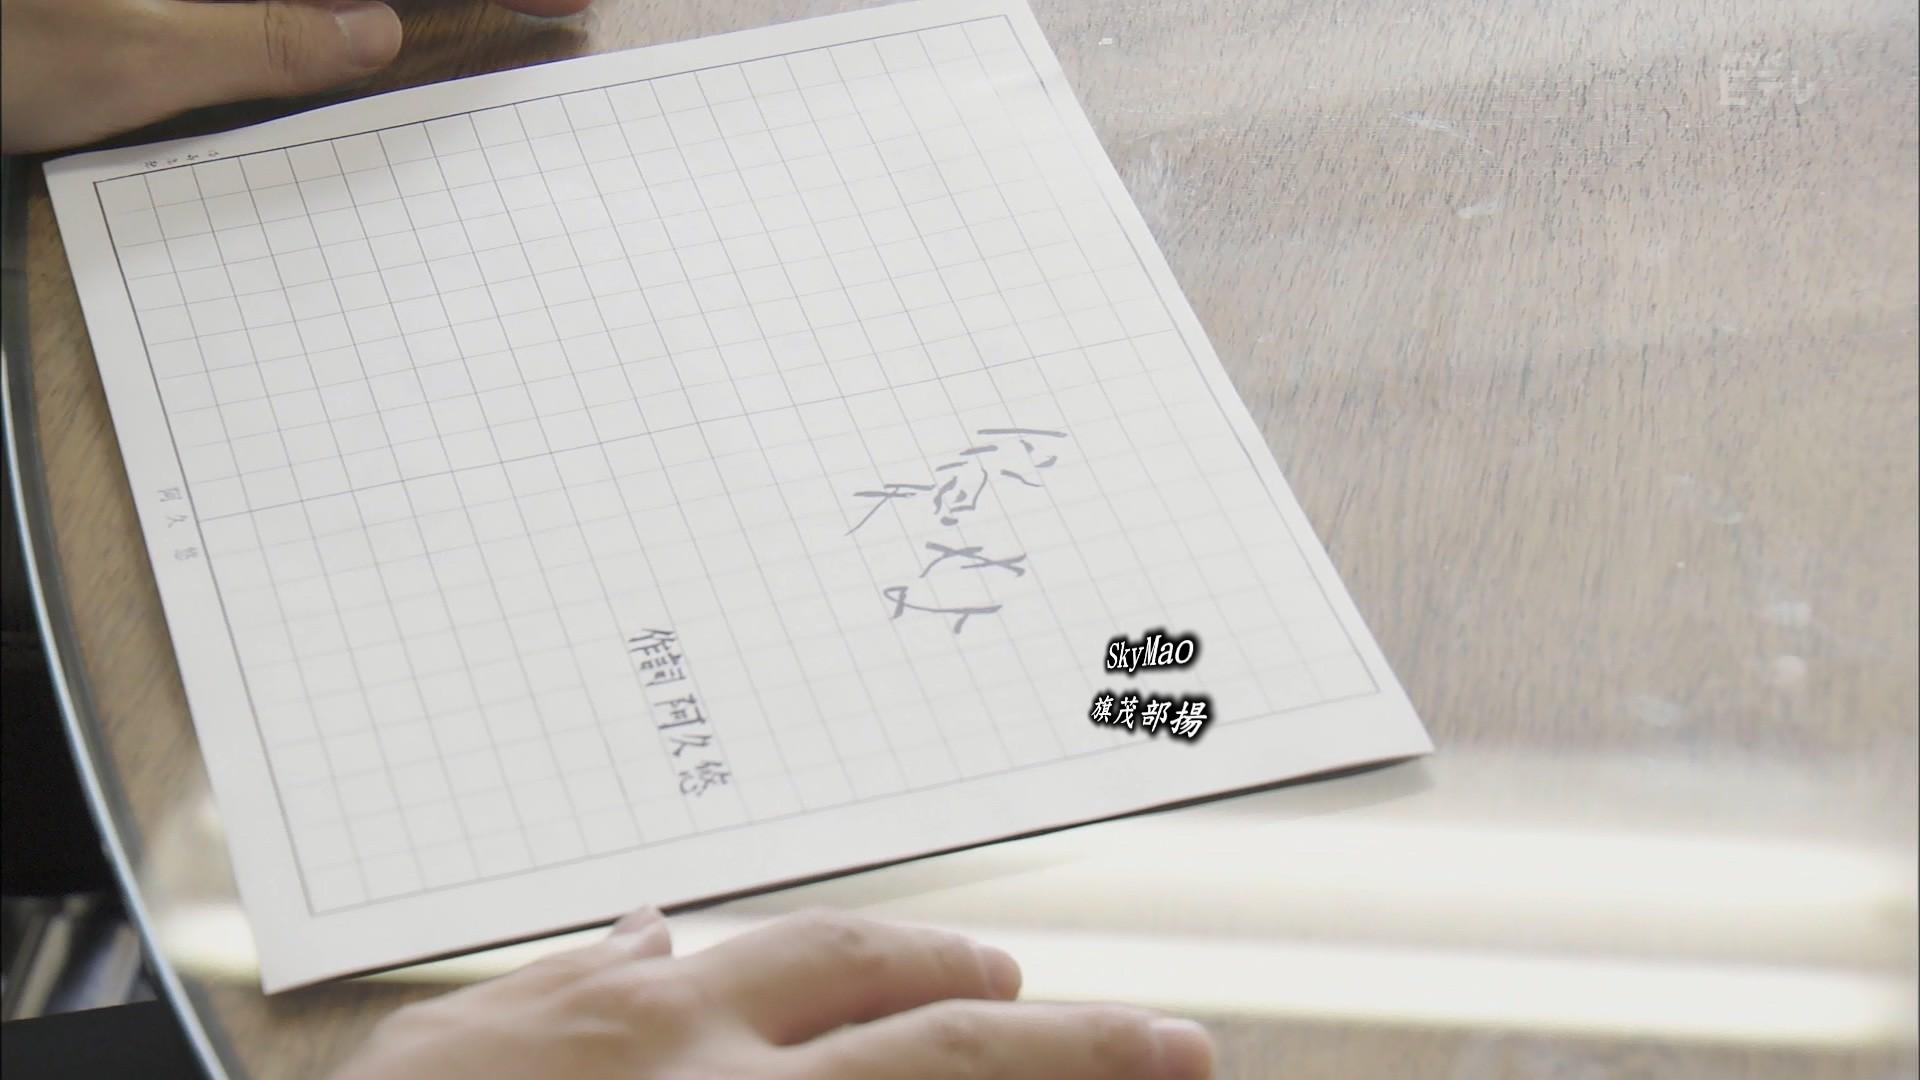 2017.09.23 全場(いきものがかり水野良樹の阿久悠をめぐる対話).ts_20170924_002848.524